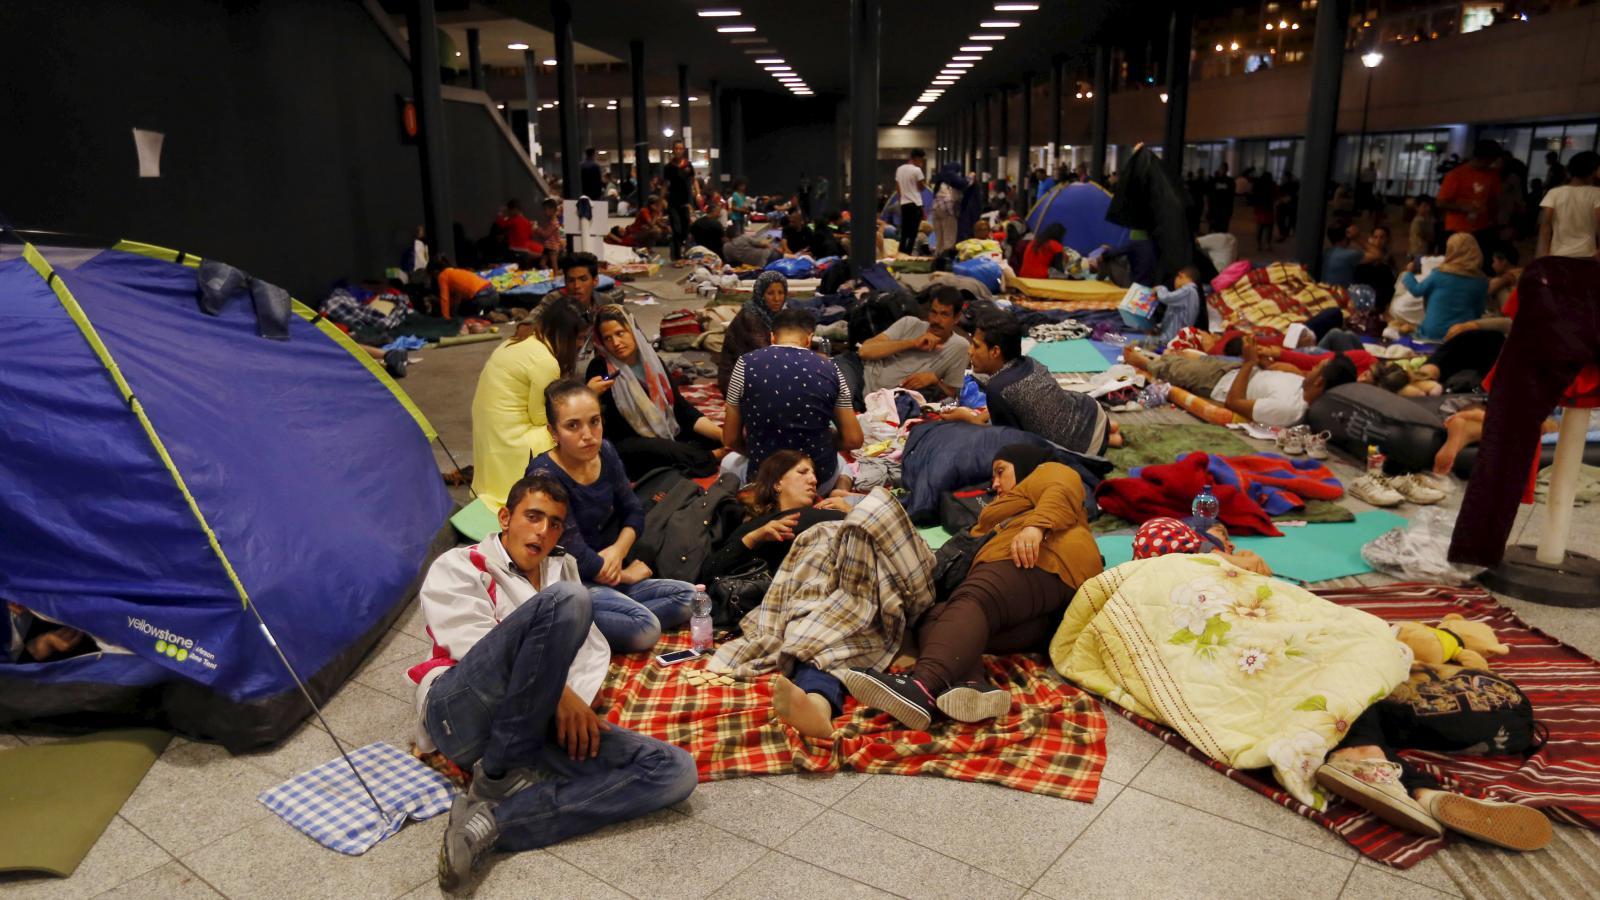 Uprchlíci na nádraží v Budapešti